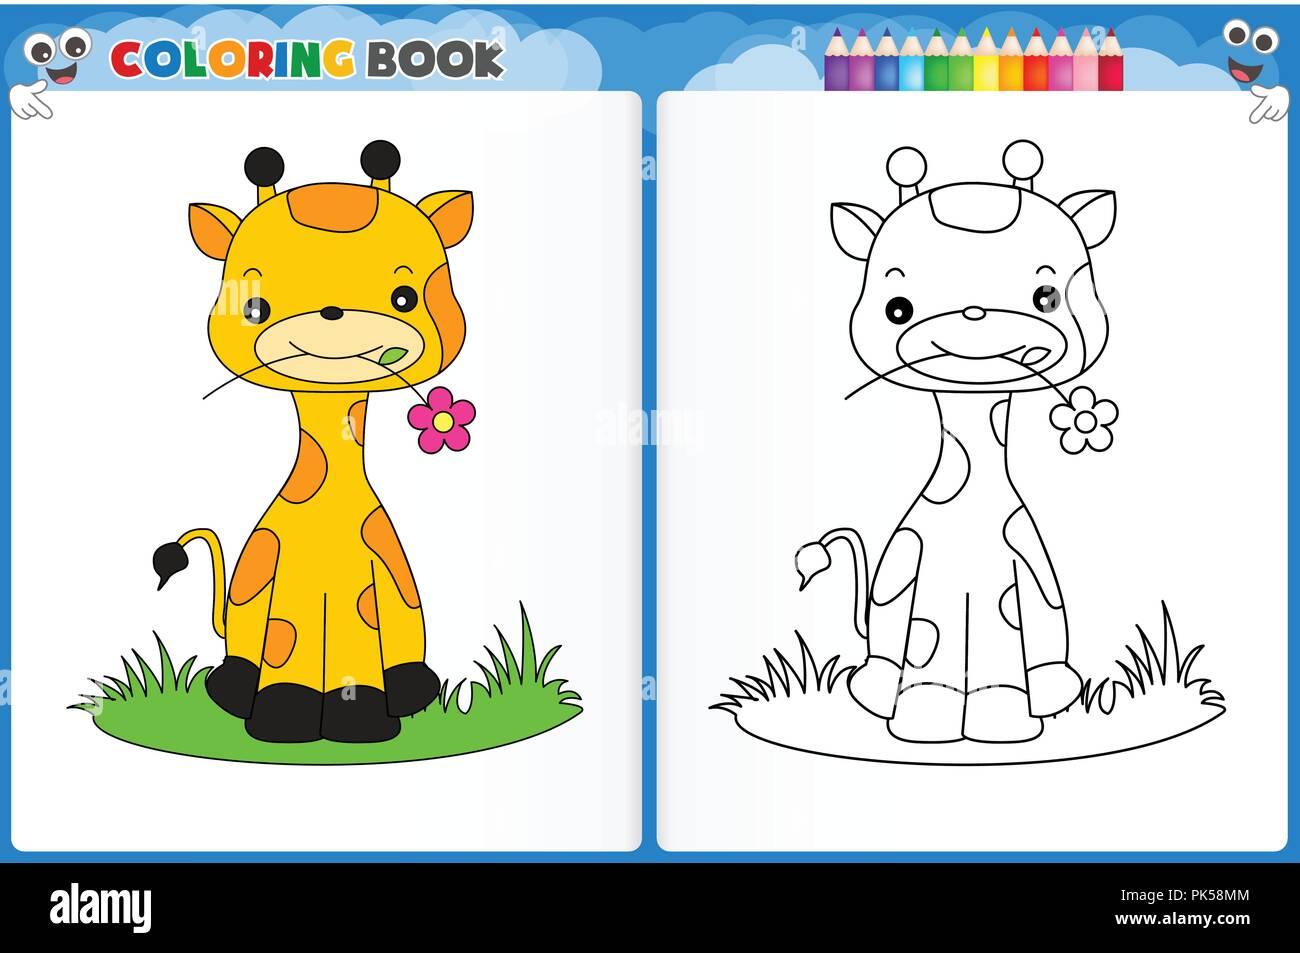 Farbung Seite Niedliche Giraffe Mit Bunten Probe Druckbare